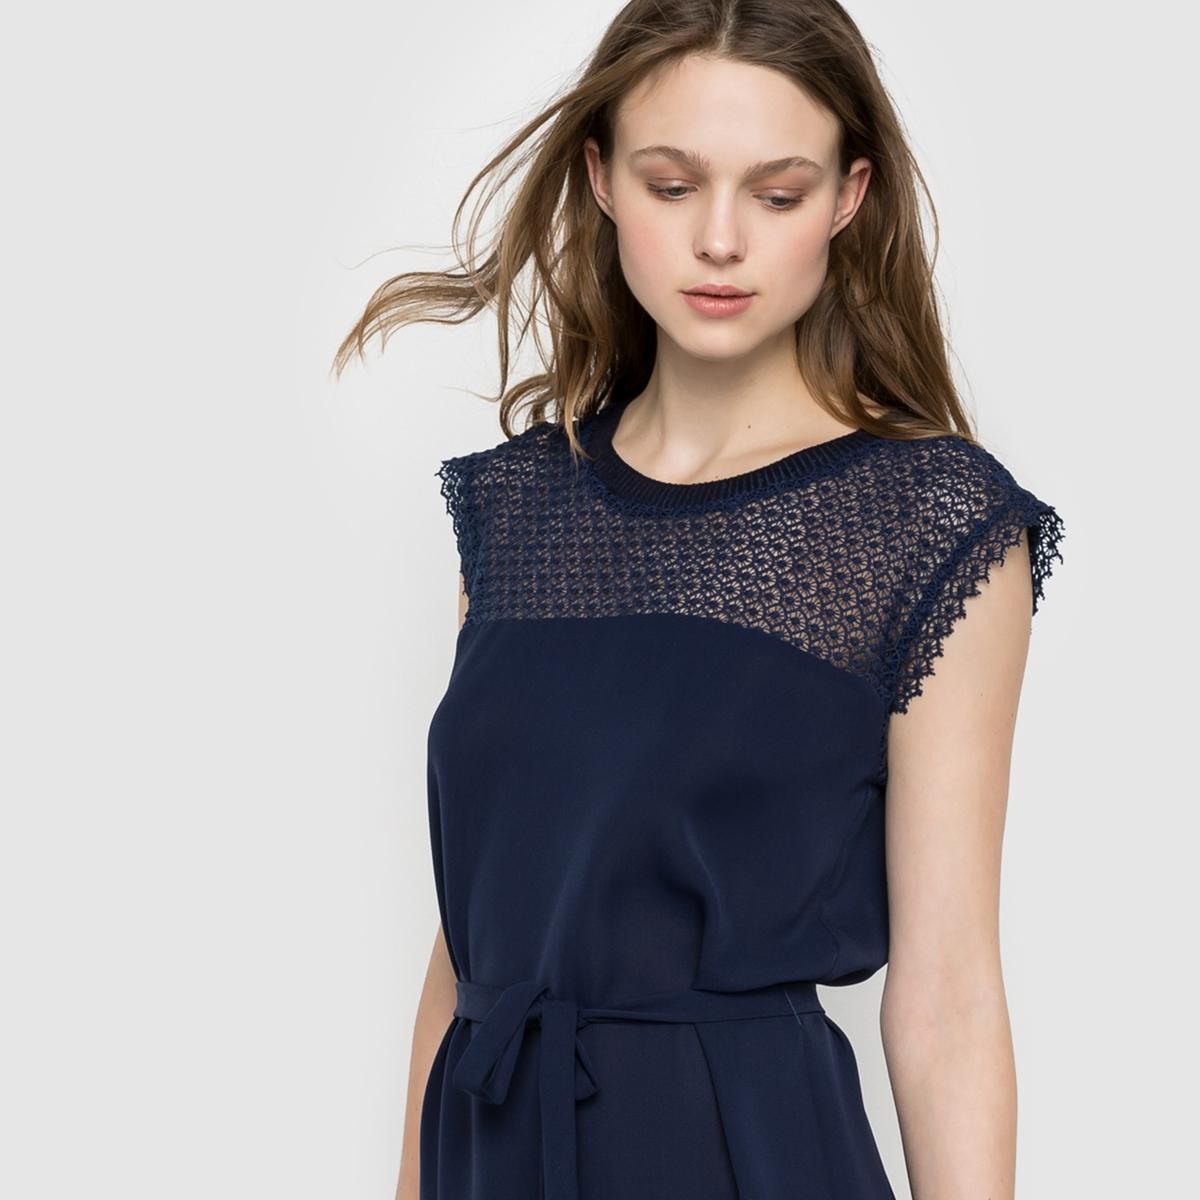 Платье с пышными рукавами SUNCOOПлатье с пышными рукавами SUNCOO. Платье прямое. Верх из кружева. Круглый вырез. Пояс с завязками.Состав и описание:Материал: 97% полиэстера, 3% эластана. На подкладке из 100% полиэстера.Марка: SUNCOO.<br><br>Цвет: синий морской<br>Размер: XS